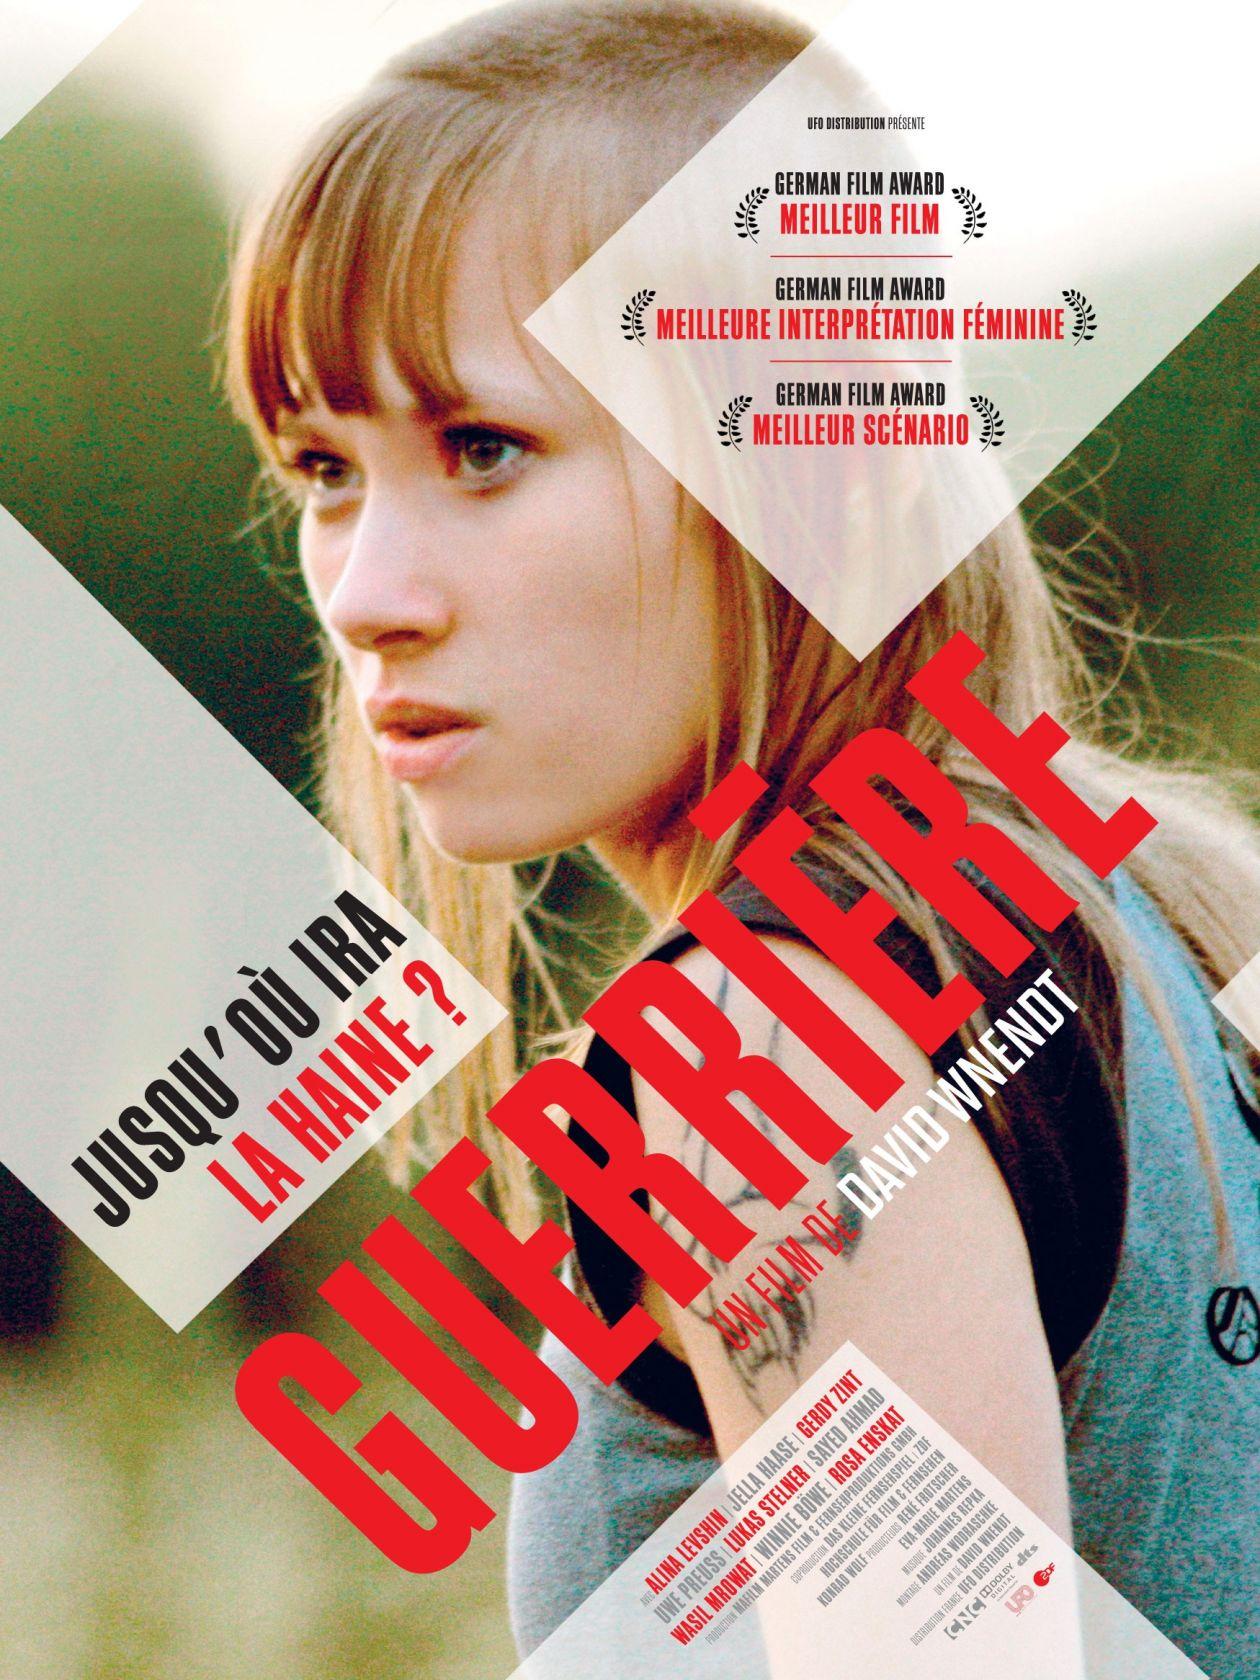 Alina Levshin actress / KRIEGERIN / GUERRIERE / MOVIE POSTER AFFICHE FILM